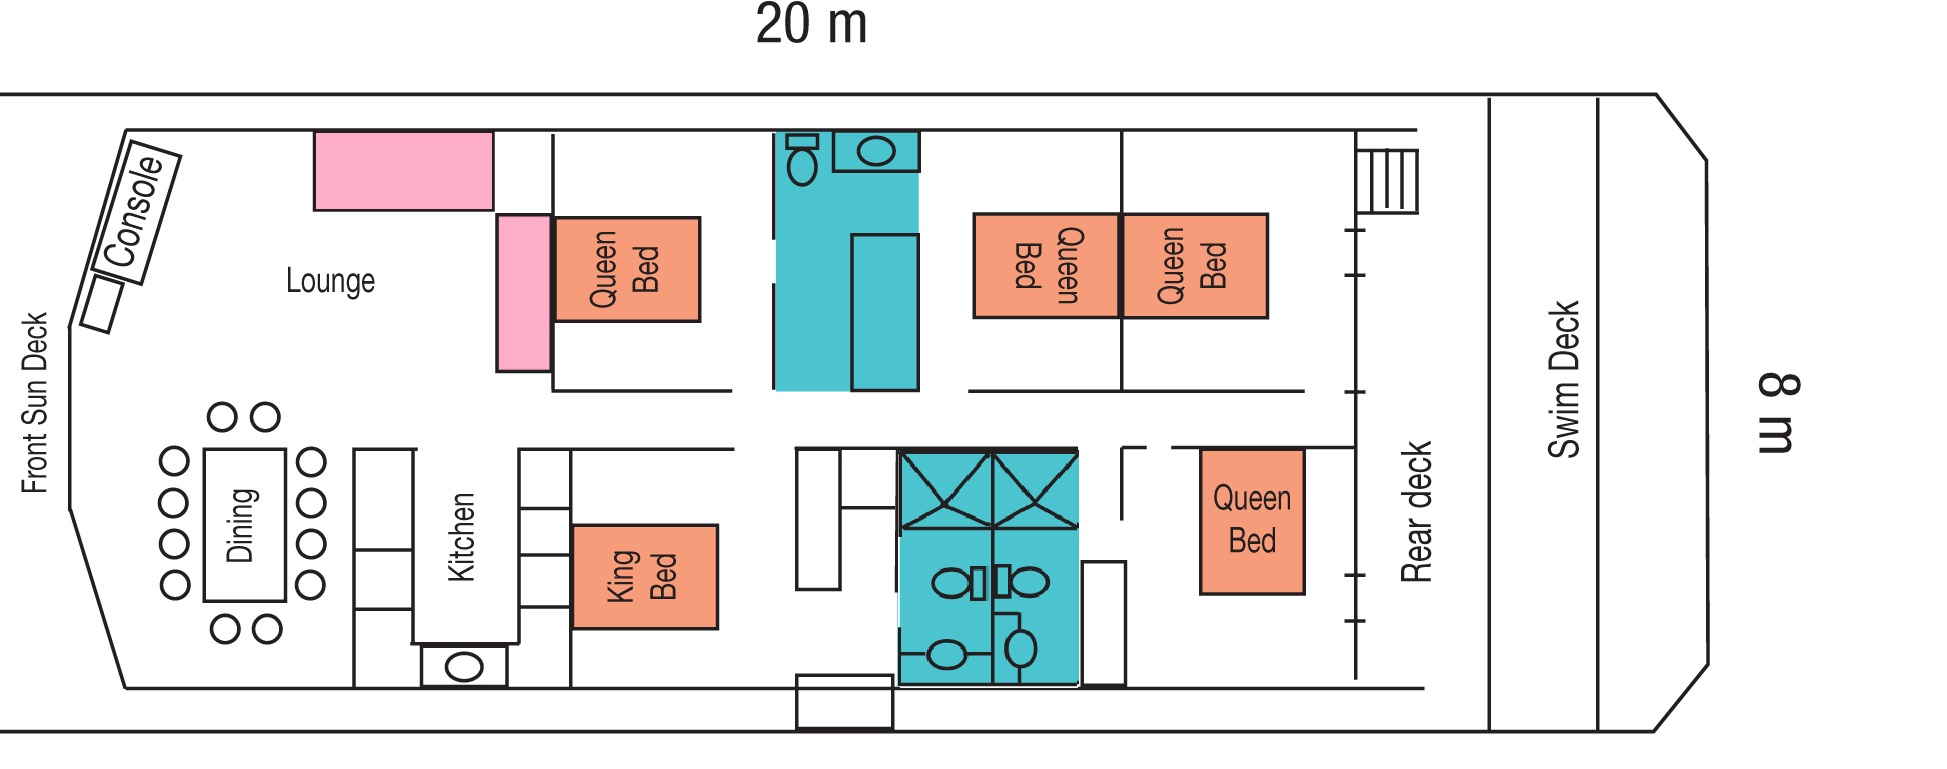 Unforgettable 2 - Floor Plan (20m x 8m)